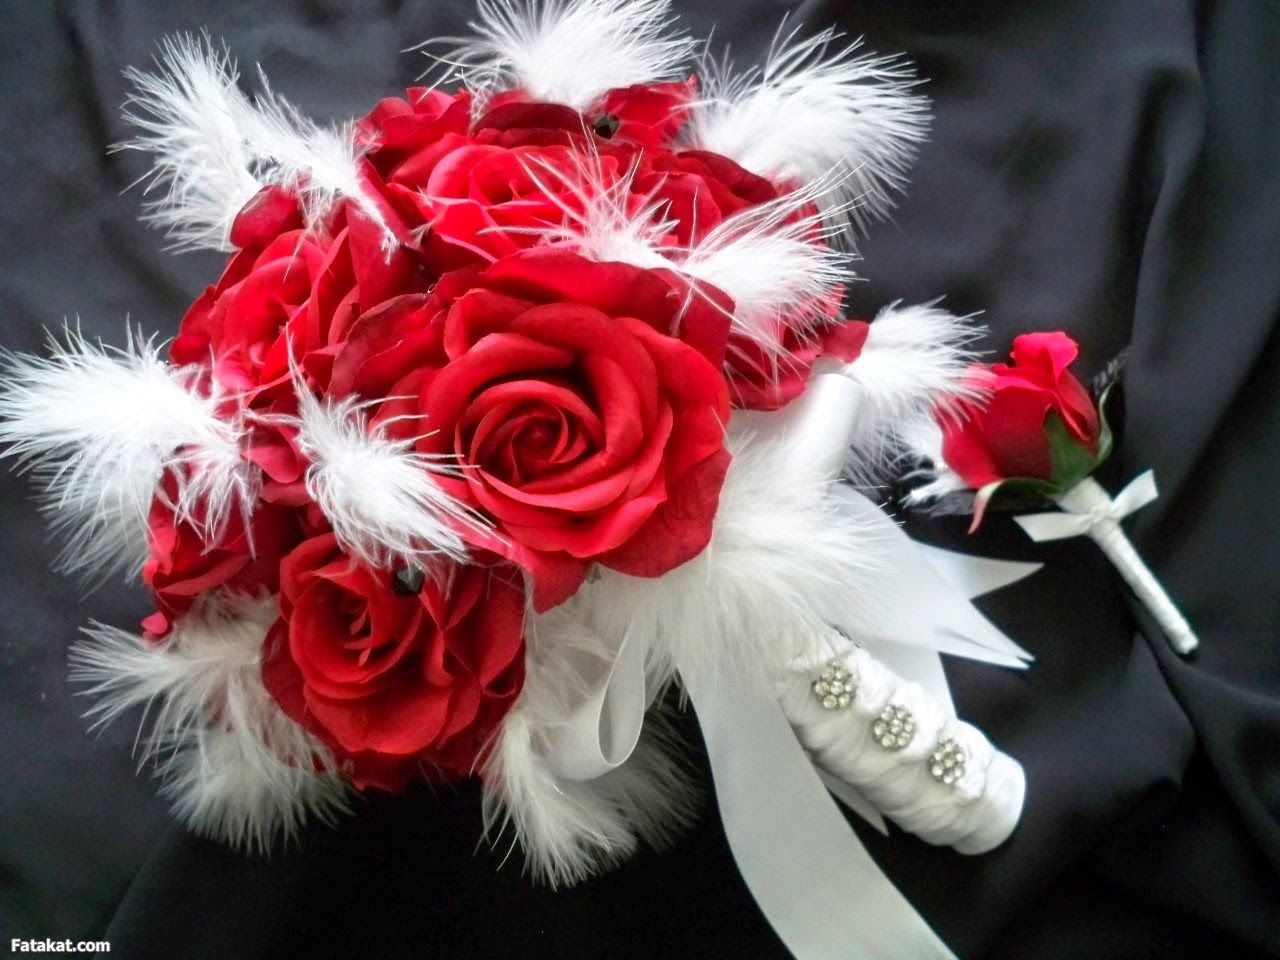 اجمل صور ورد روعة 2020 Wedding Bouquets Sets Silk Bridal Flowers Bridal Bouquet Sets